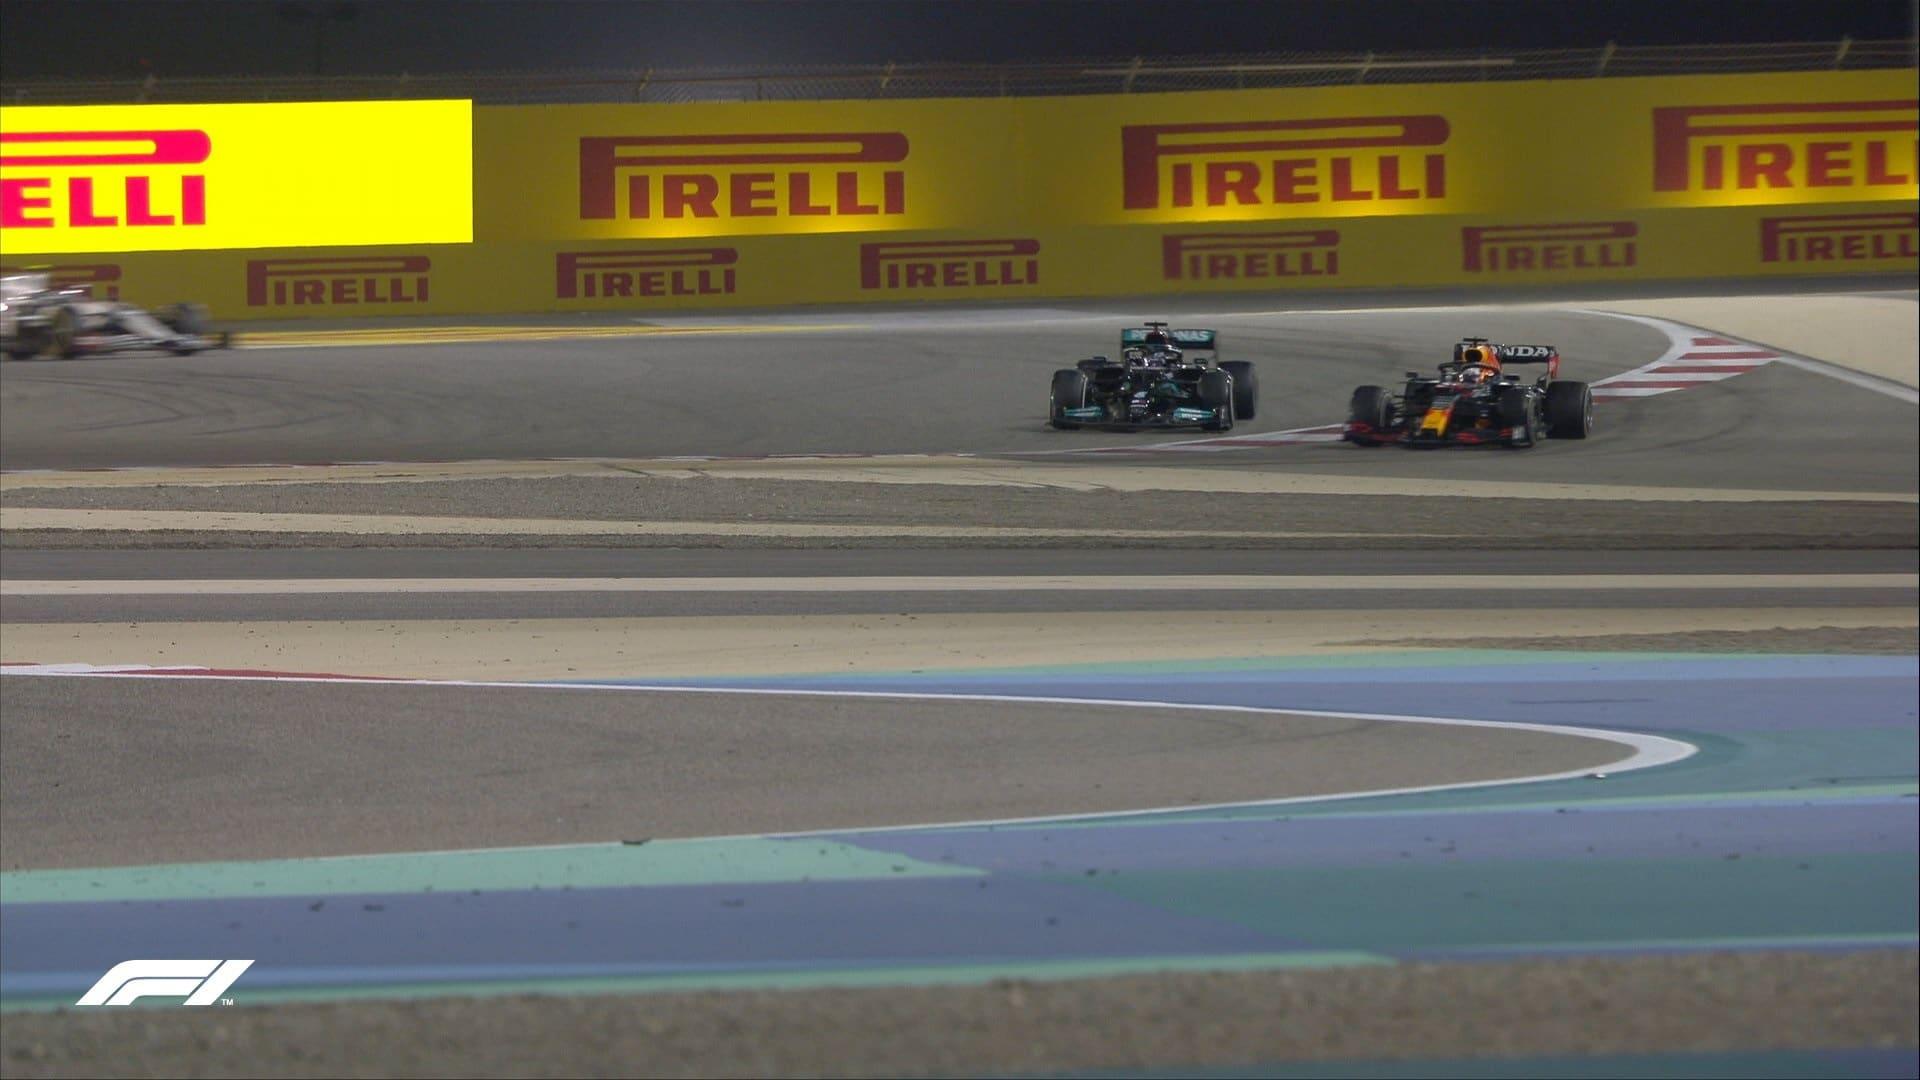 GP del Bahrain, Hamilton vs. Verstappen: il direttore di gara chiarisce il regolamento sui track limits in curva 4